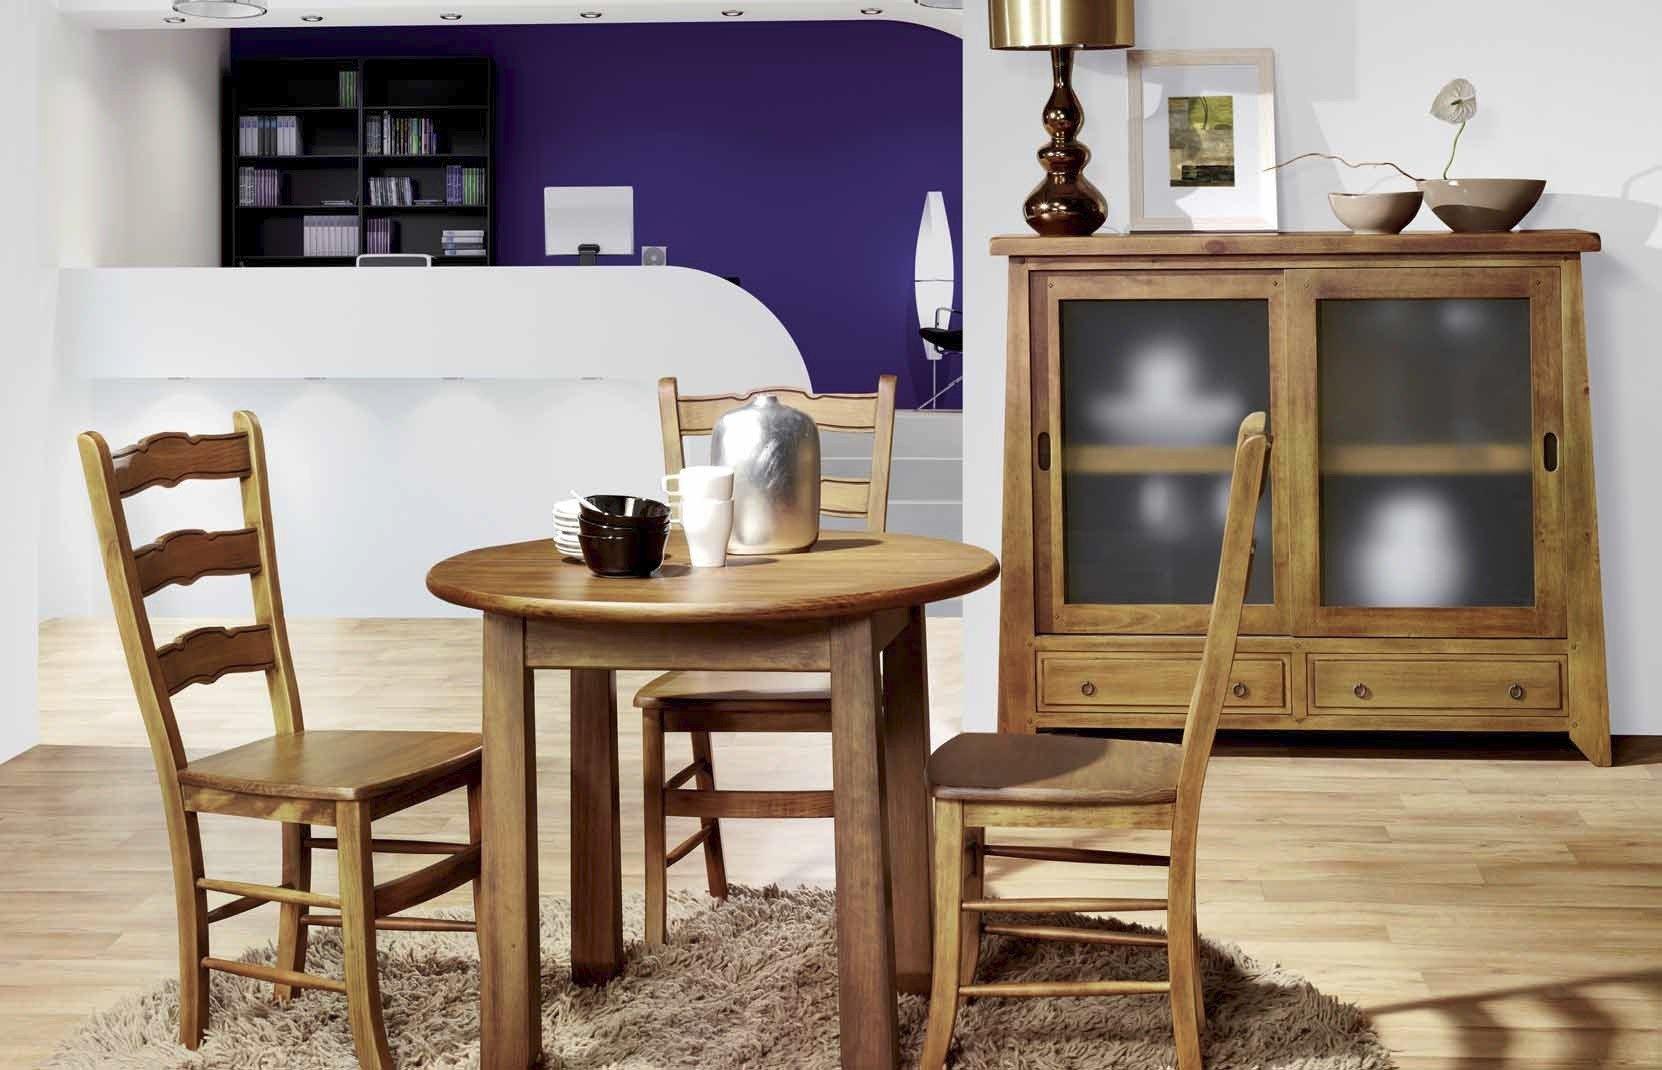 Muebles rusticos baratos  Tienda online Muebles Valencia